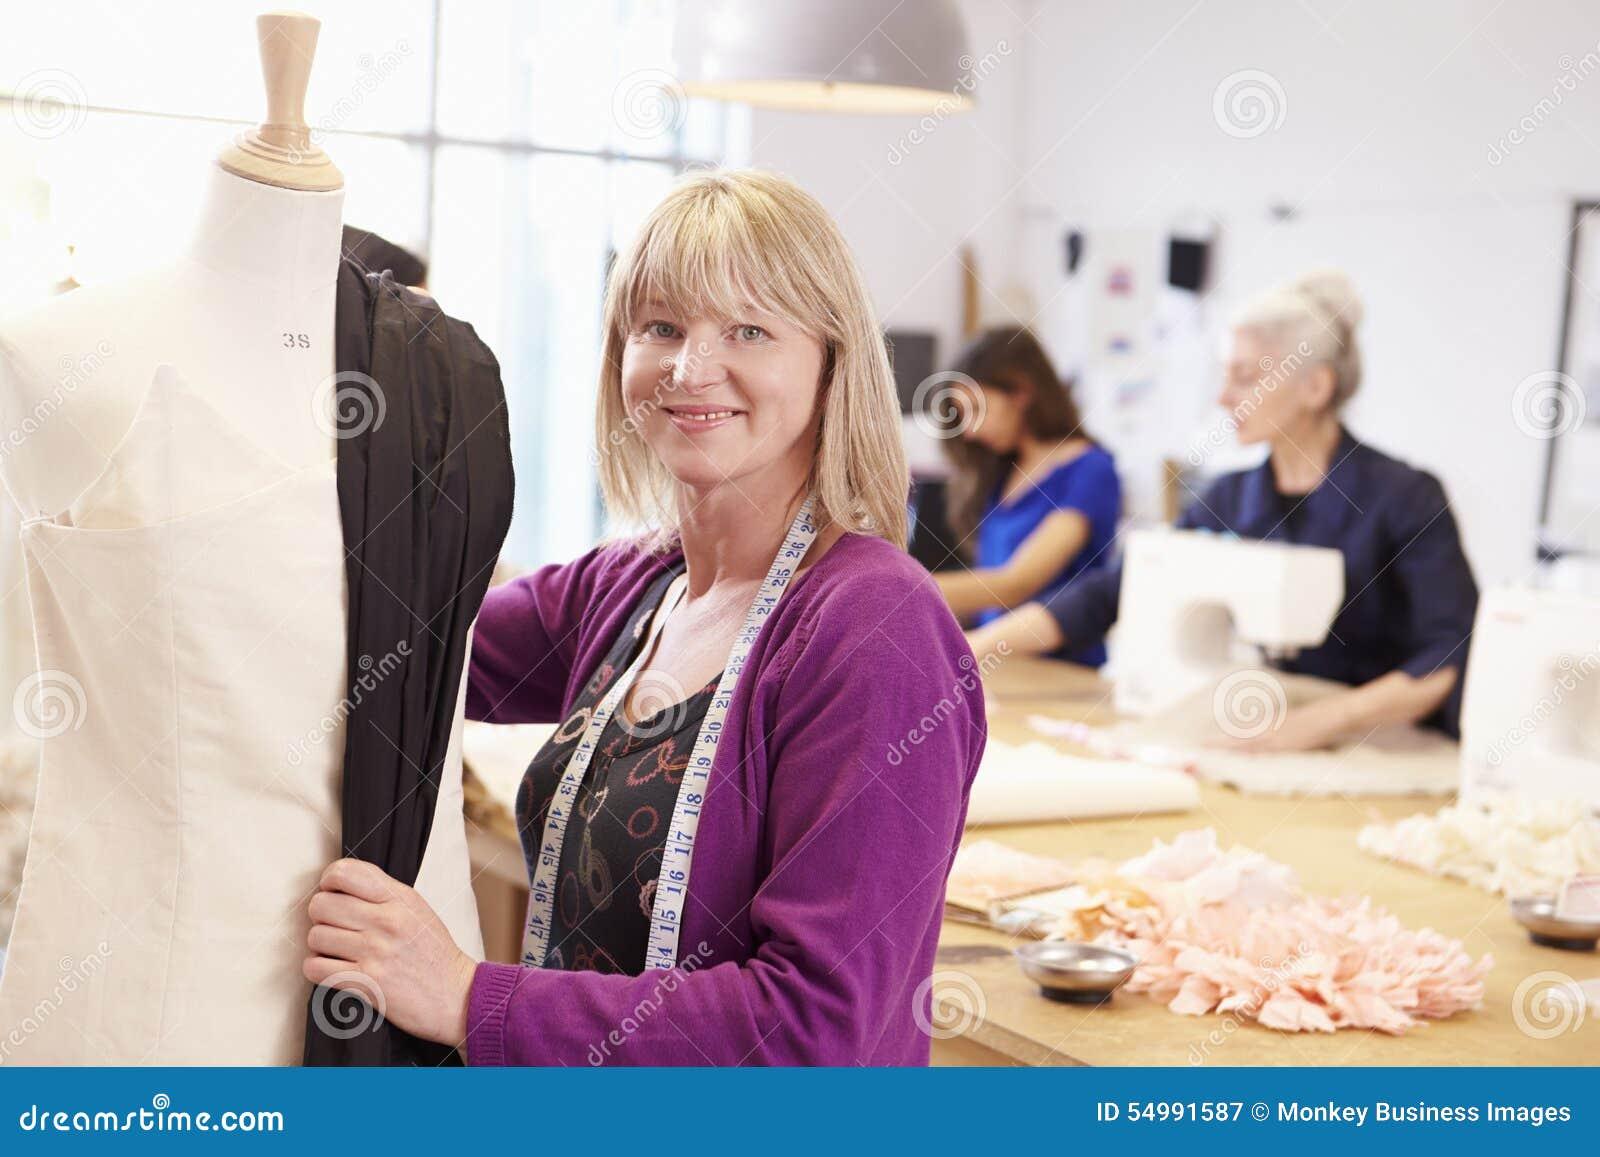 Mode Und Design Studium | Reife Studenten Die Mode Und Design Studieren Stockbild Bild Von